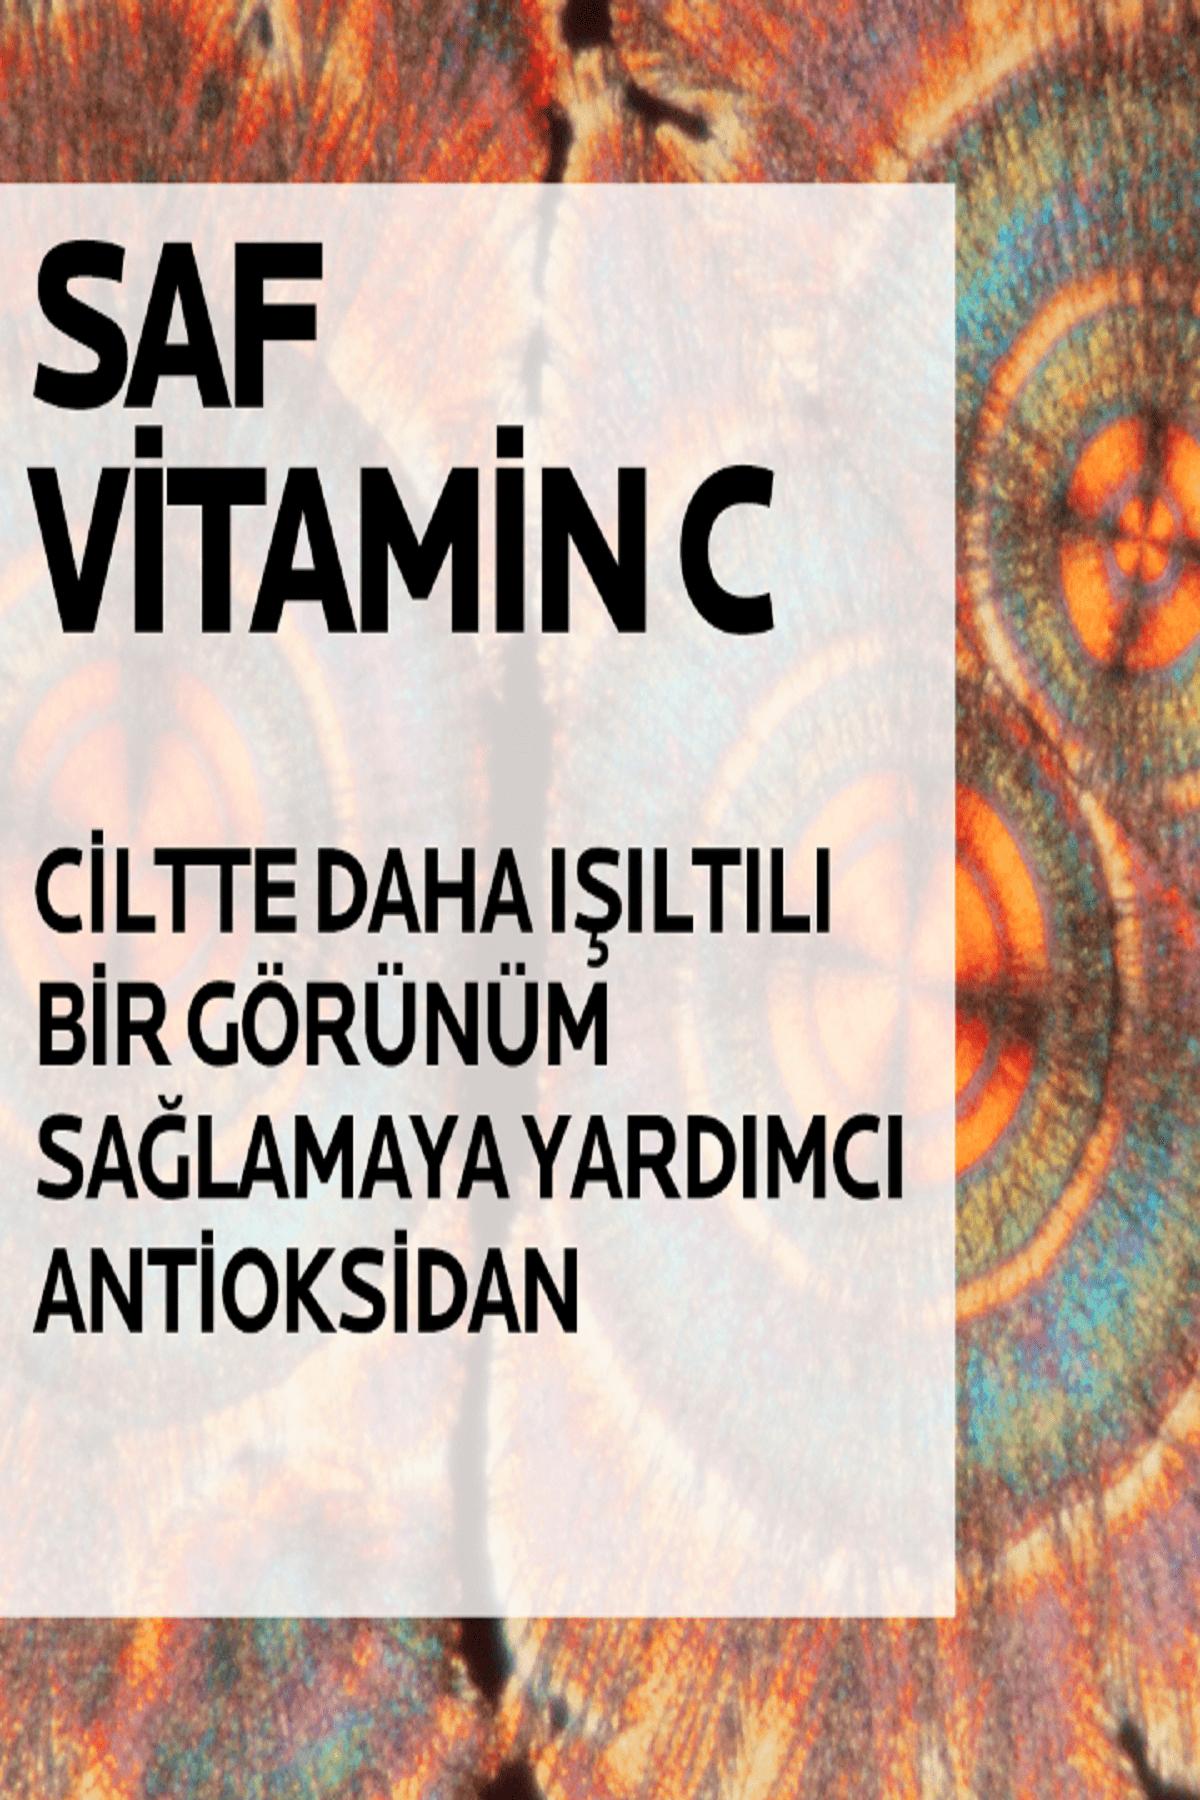 La Roche Posay Saf C Vitaminli Yaşlanma Karşıtı Krem Kuru Ciltler için Işıltı Veren Bakım 40 ml 3337872413711 1